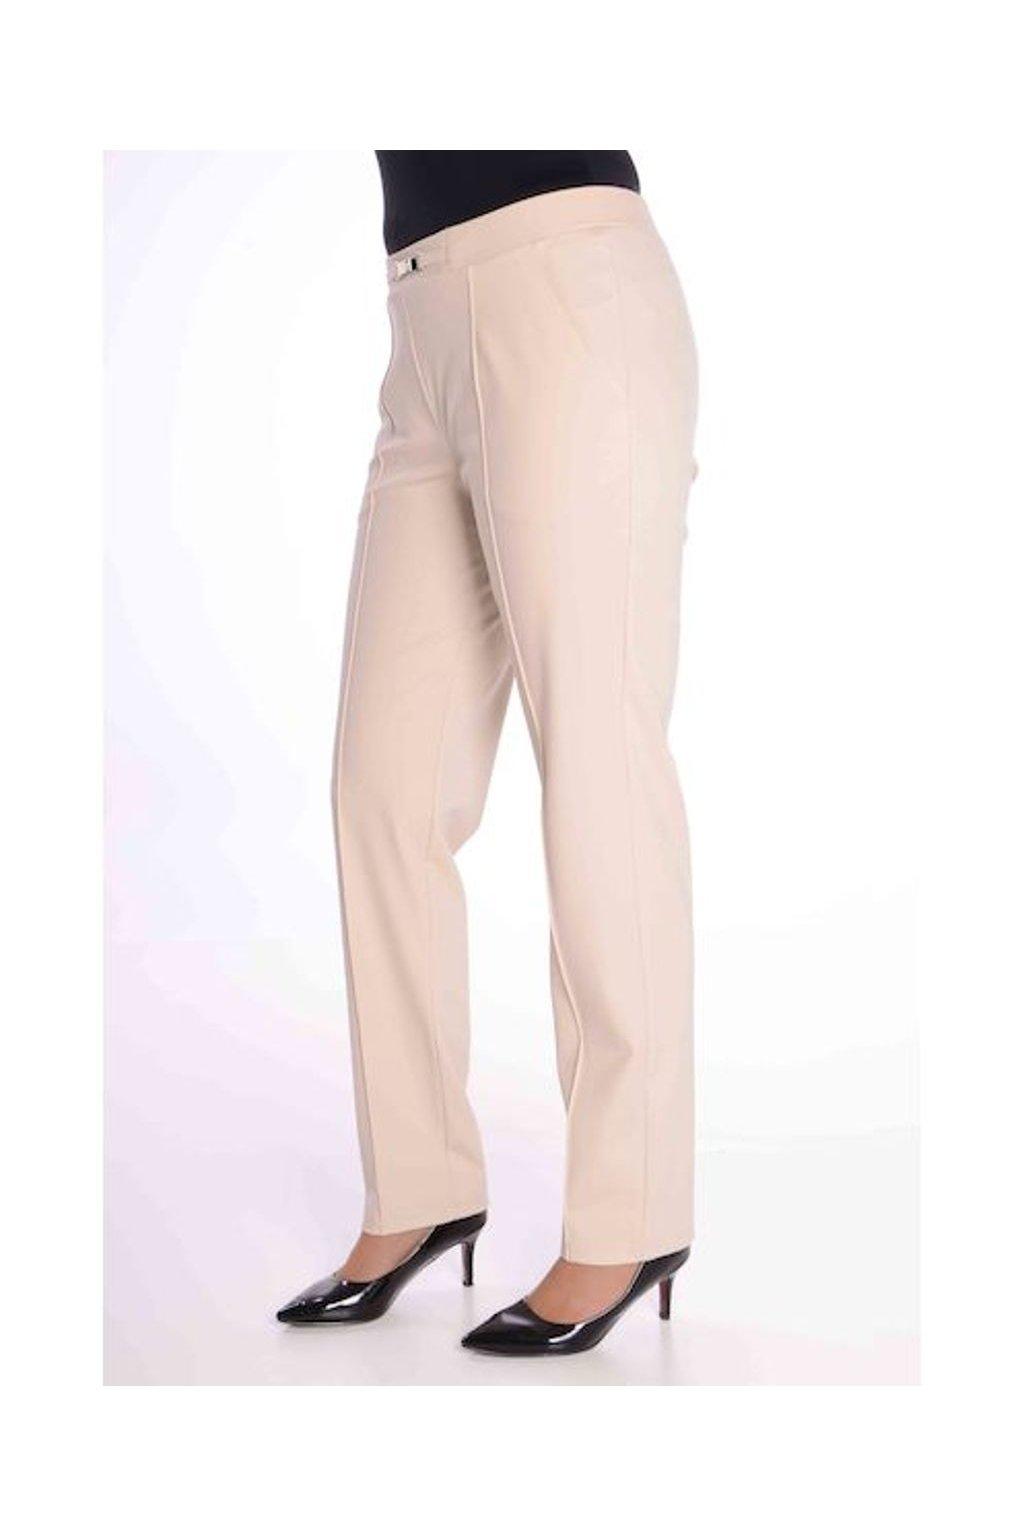 66T Kalhoty Avanti s puky (Velikost 36, Barva Béžová)